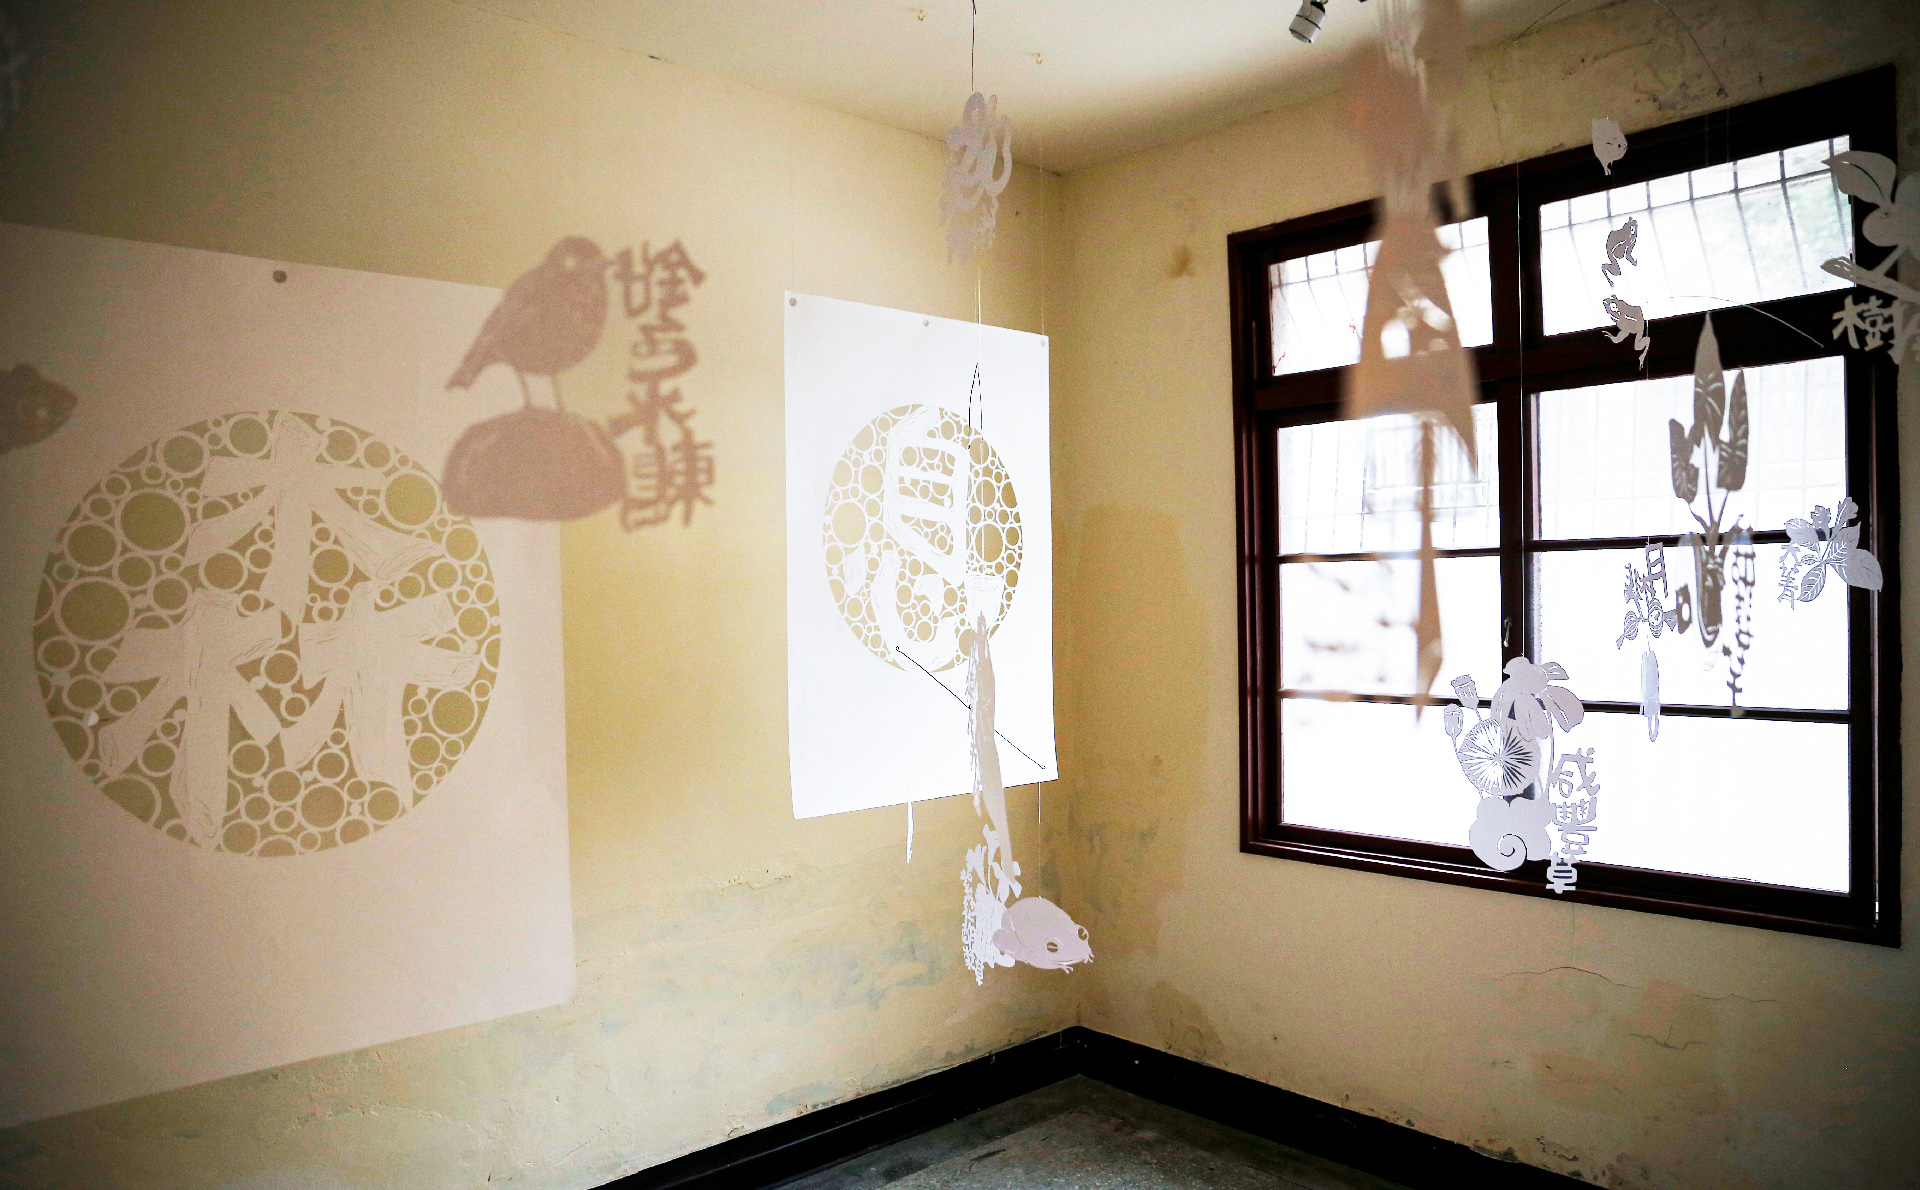 「森趣去」以森林保育以及藝術跨域共創的生態展覽 此次爲甘樂文創與林務局合作,活化位於三峽地區林務局的老宿舍,改造成與藝術並存開放式的展覽空間,從策展設計、空間規劃設計、活動設計一直到主視覺設計都由甘樂文創的設計團隊共同打造。此次展覽以生物多樣性與文化工藝的跨界創作為主軸,並且邀請五位藝術家以及生態保育團隊將想要傳達理念帶入這次的展覽中! | 甘樂文創 | 甘之如飴,樂在其中